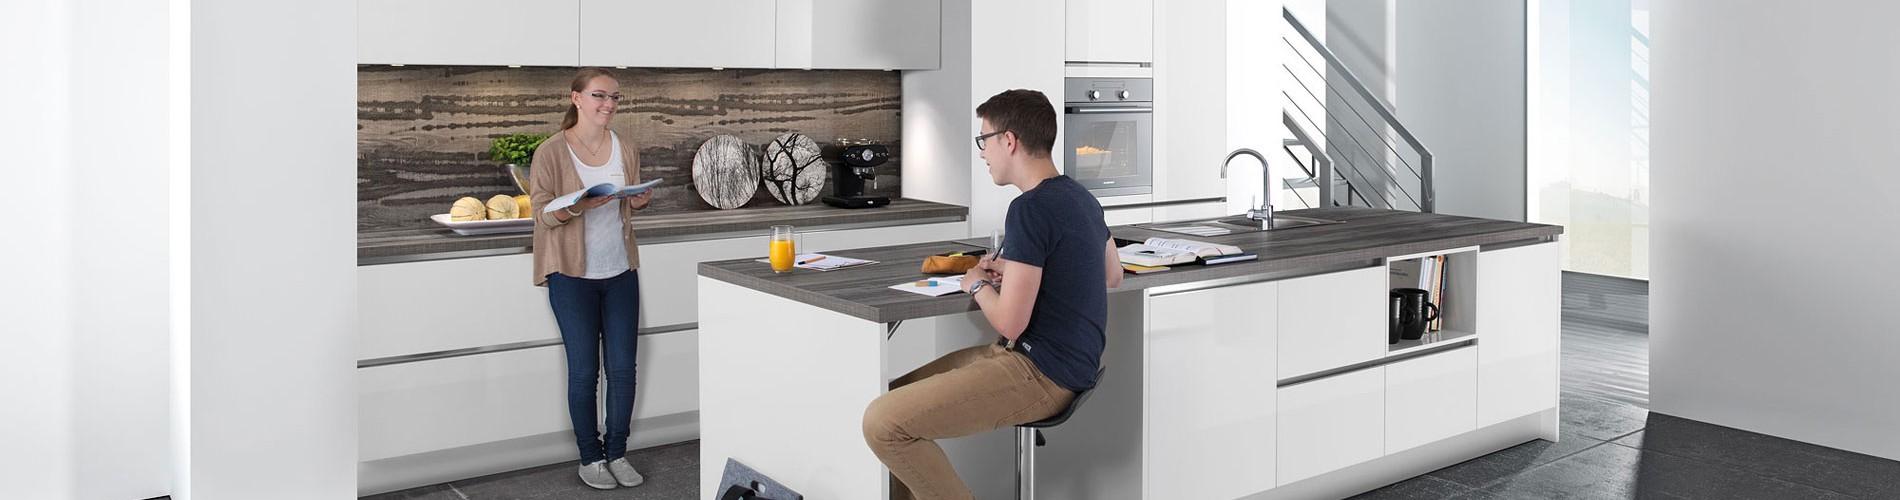 Bei den Küchen-Sonderverkäufen profitieren Sie nicht nur von exklusiven Vorteilen, sondern auch von den aussergewöhnlich günstigen Bedingungen